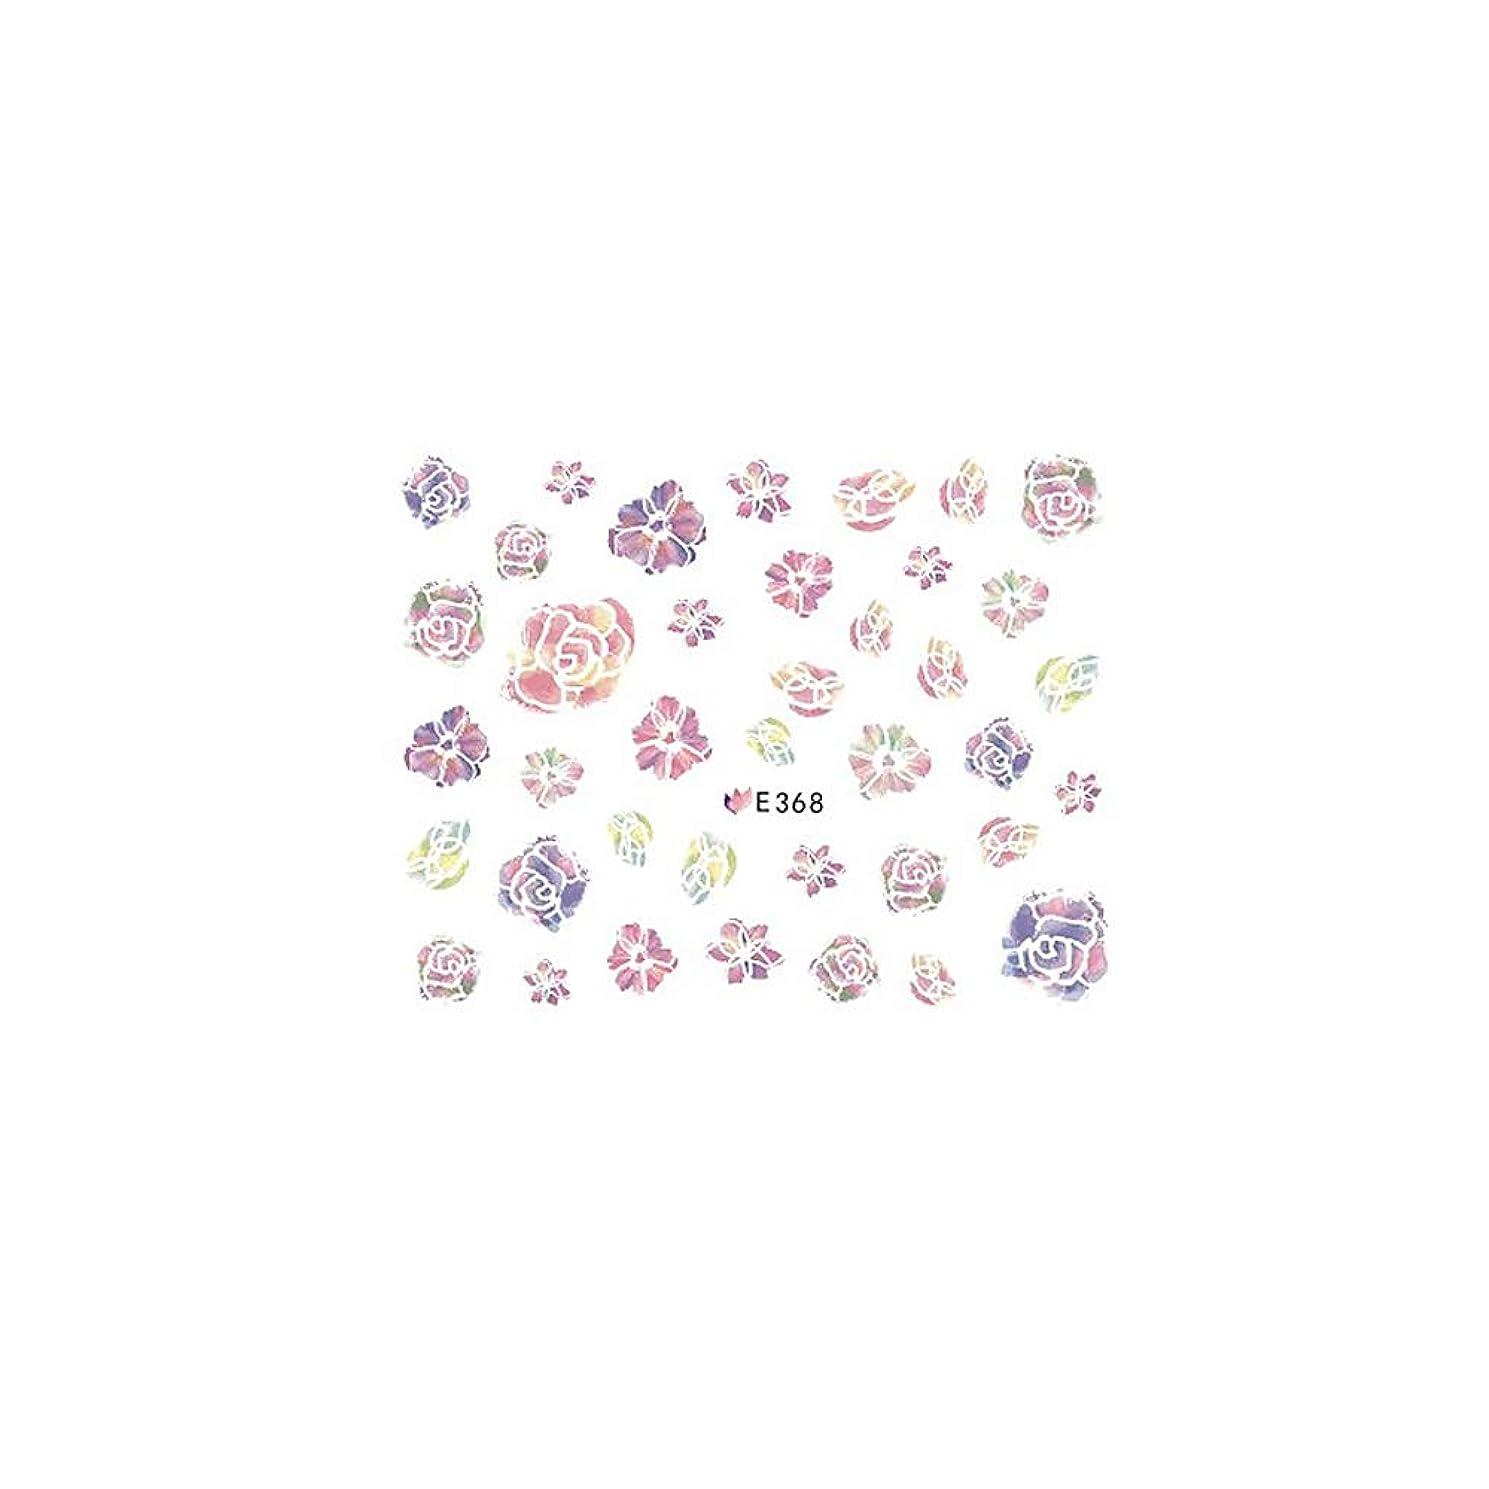 大惨事服胸ネイルシール オーバーカラーフラワーシール【E368】ローズ 花柄 フラワーアート 小花 レジン